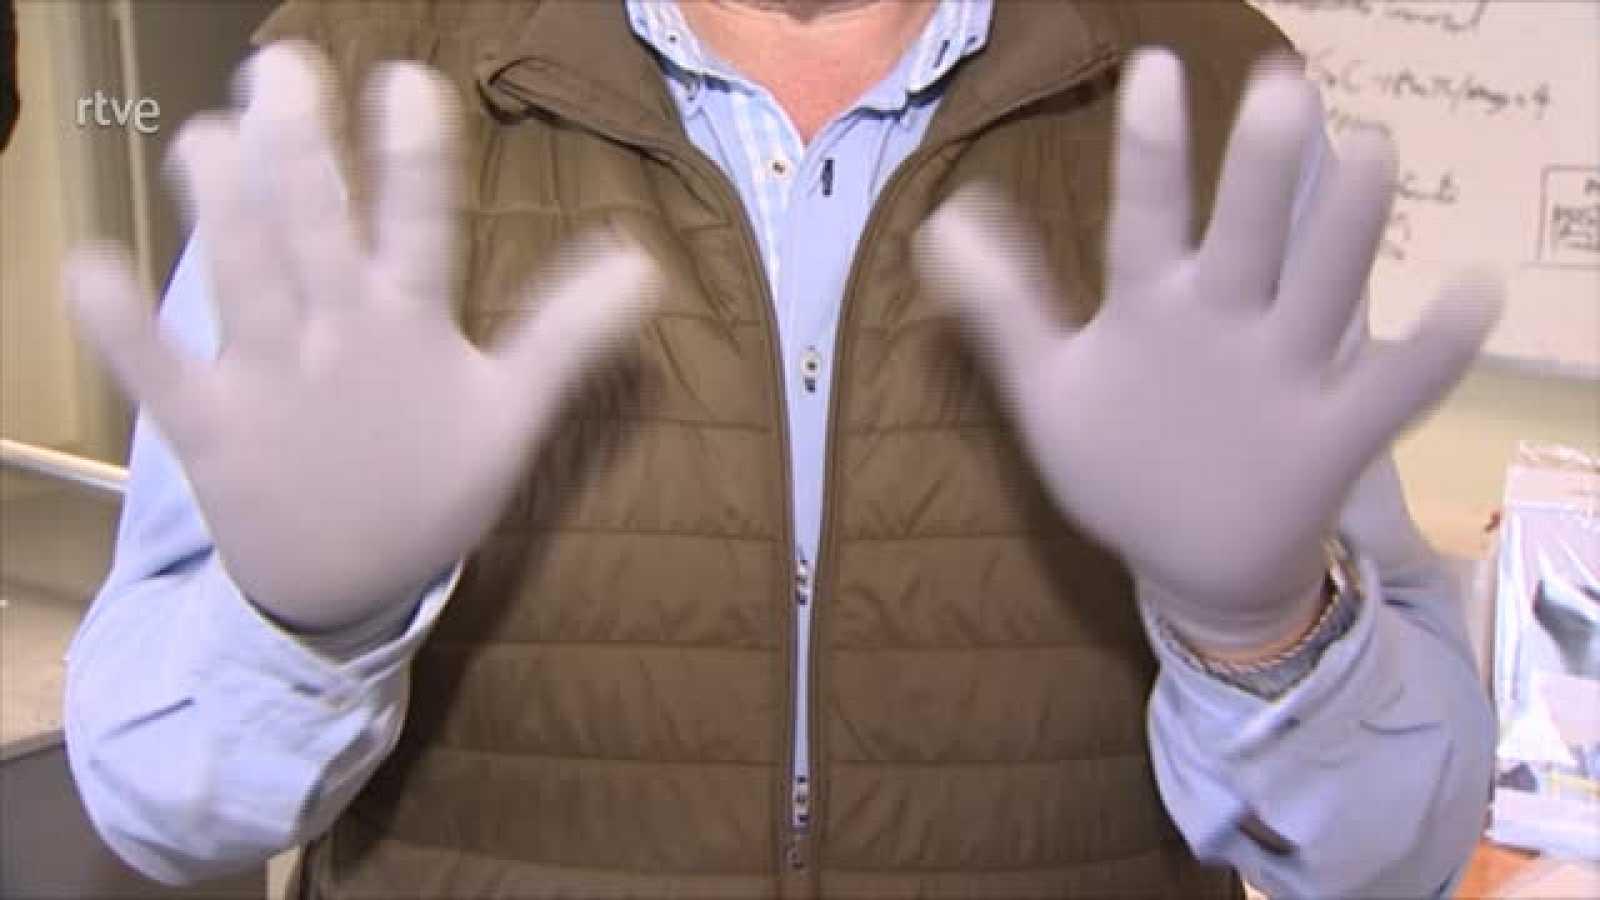 El guante absorbe el virus y lo destruye mediante un proceo físico-químico